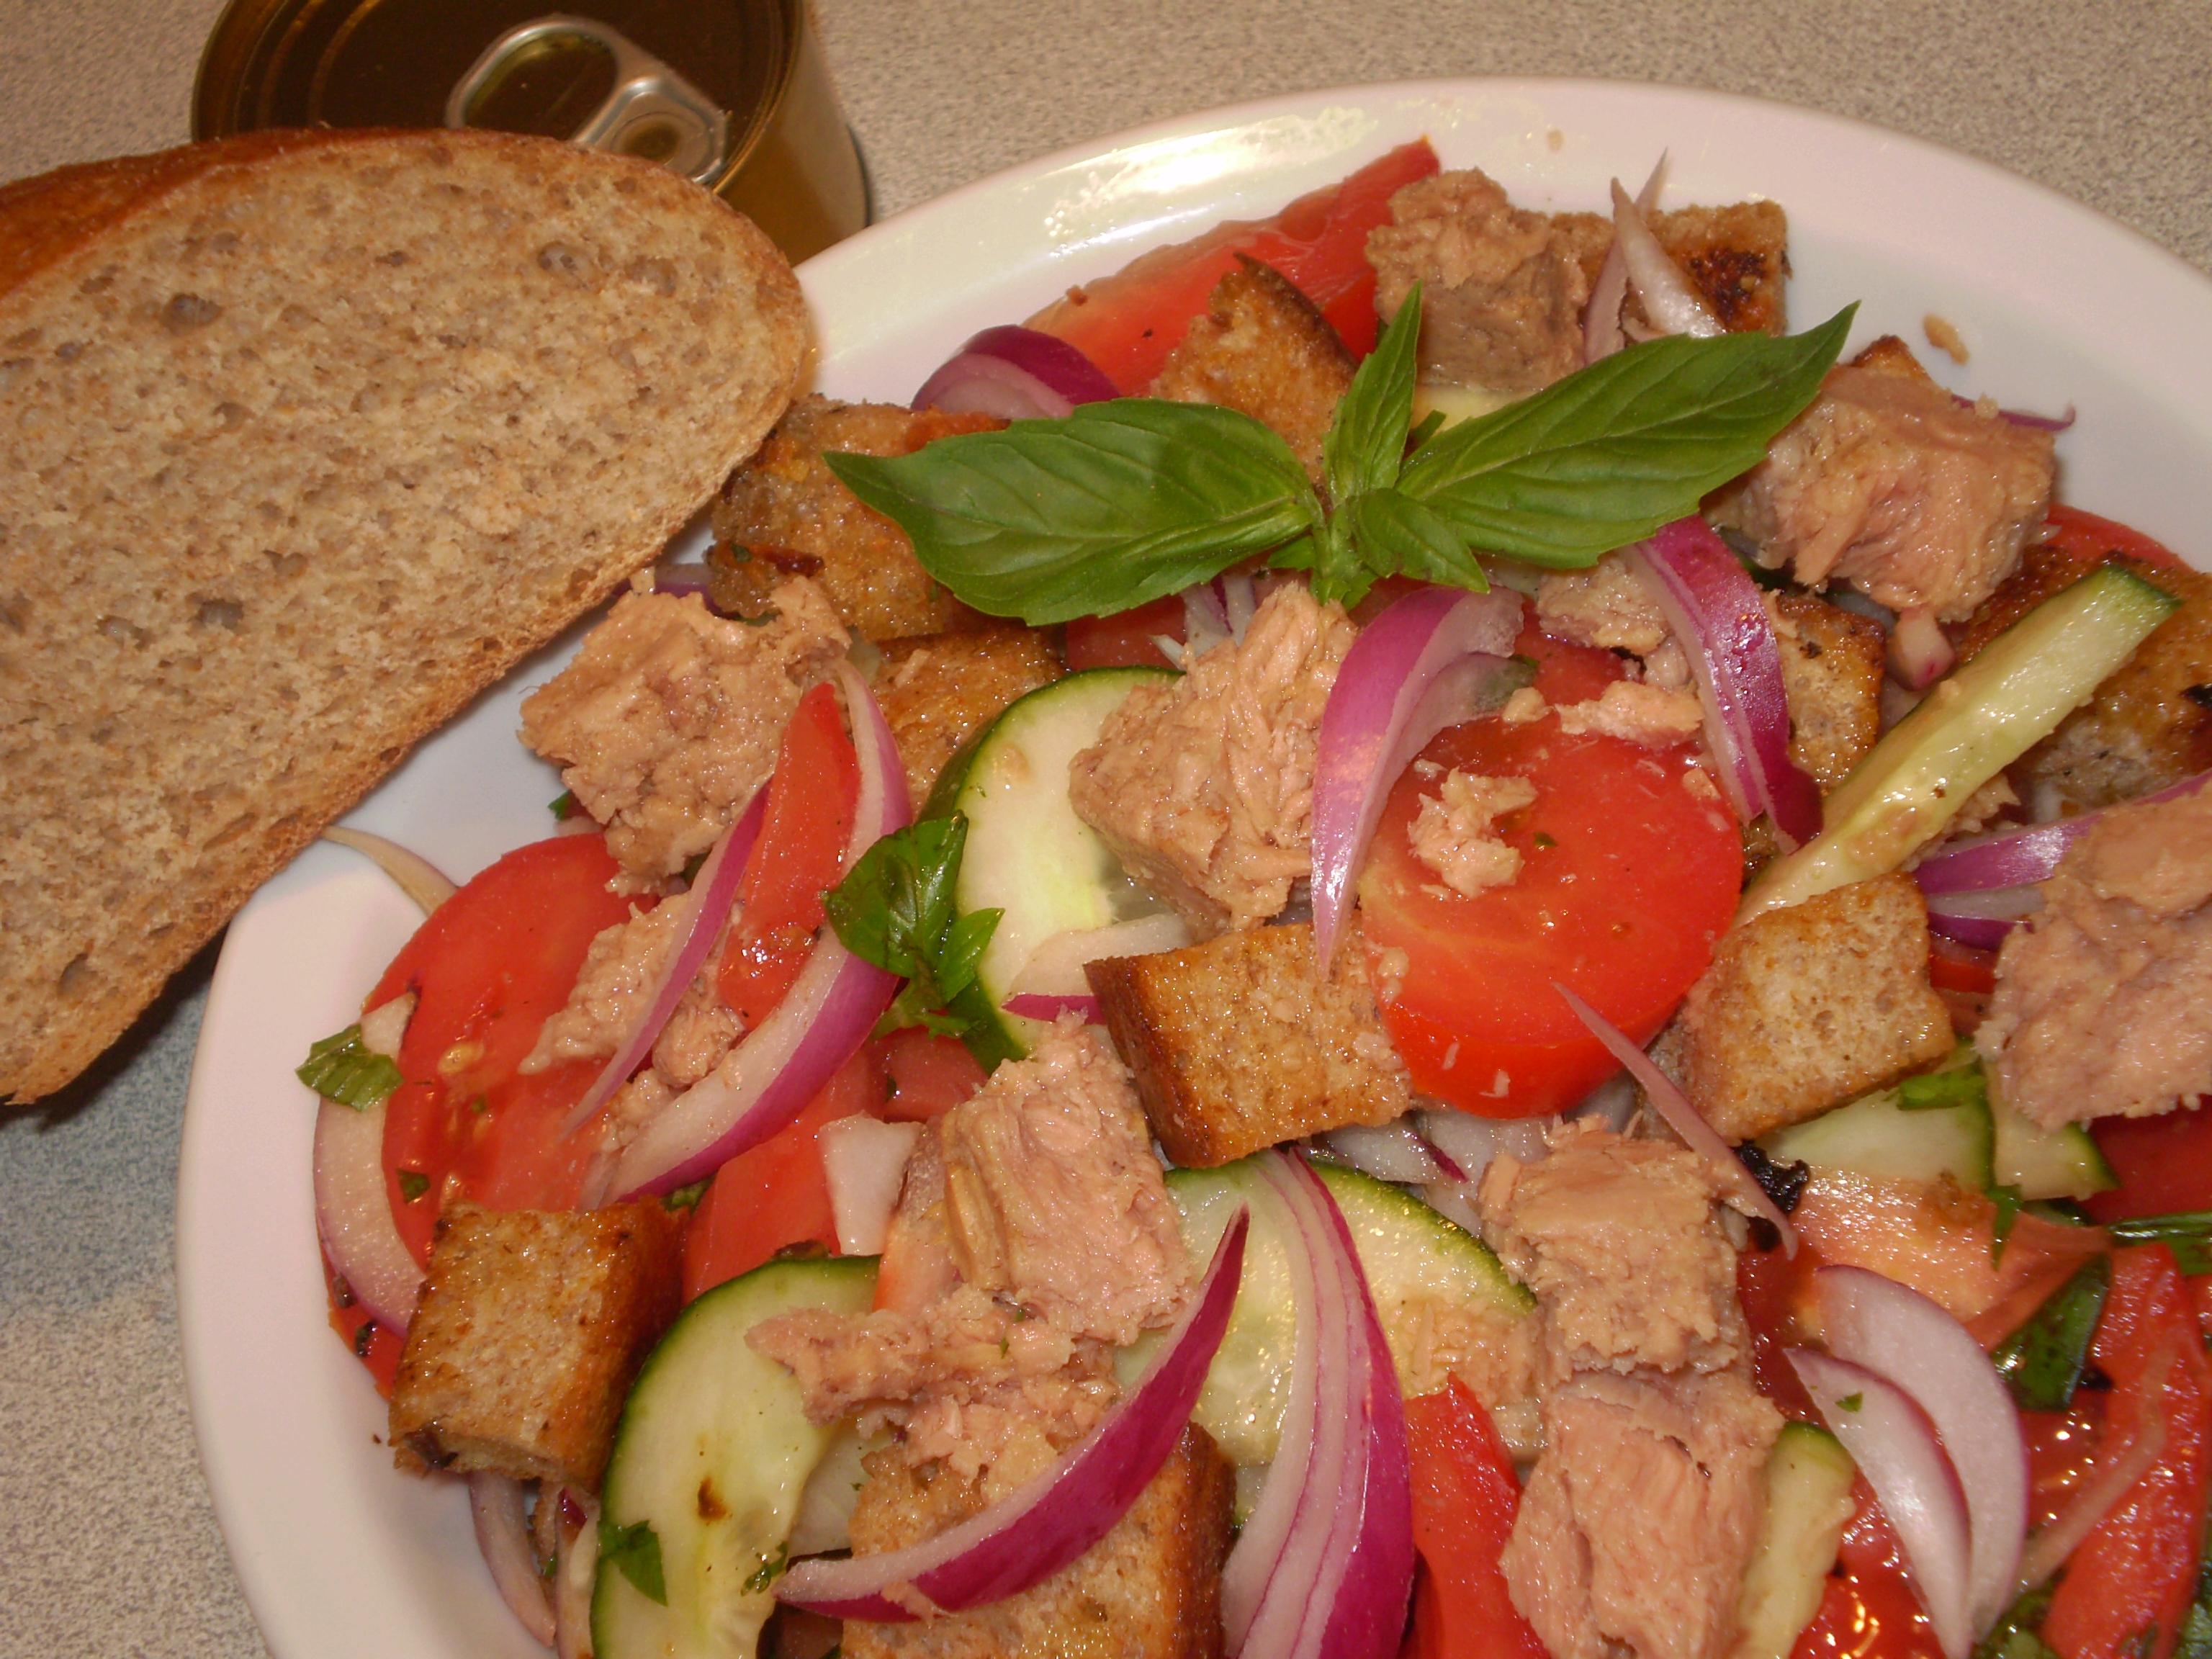 Tonhalas saláta ropogós, teljes kiőrlésű kenyérkockákkal